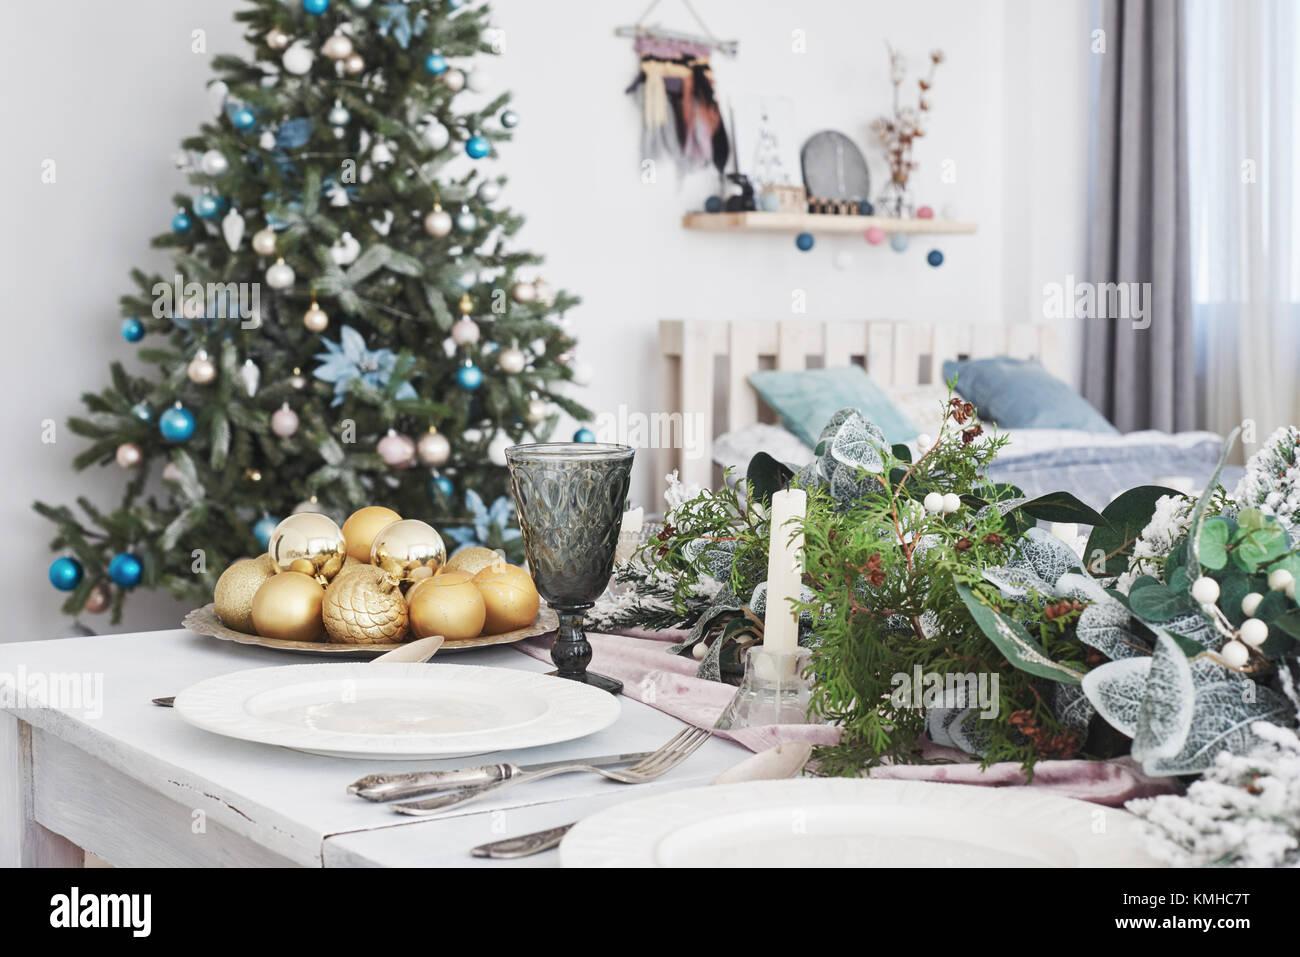 Tableau a servi pour le dîner de Noël dans la salle de séjour, vue en gros plan. Photo Stock